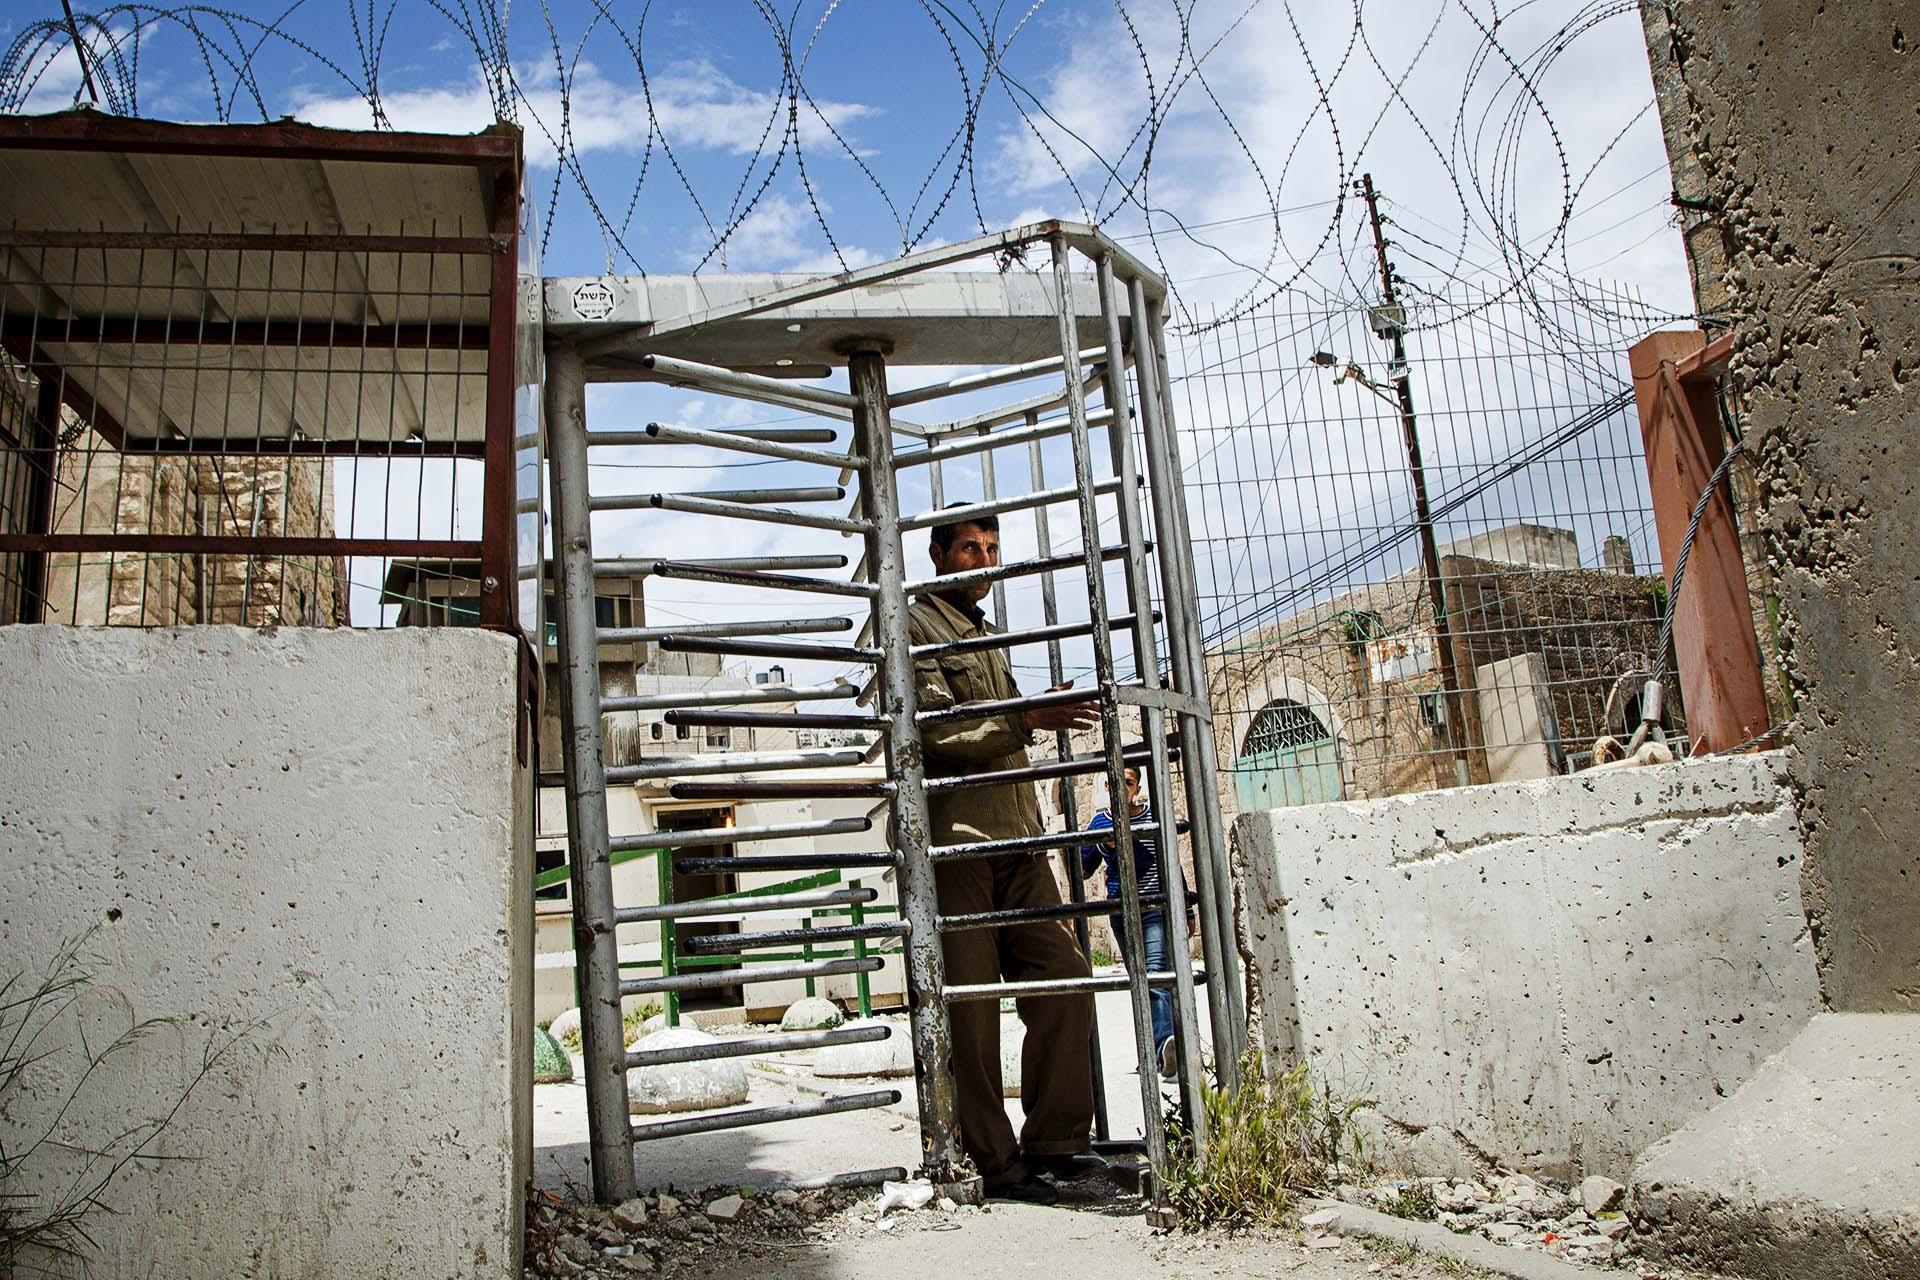 La gran mayoría de la población palestina que vivía en el centro de Hebrón se vio obligada a abandonar sus hogares. Los que se quedan están sometidos a estrictas normas de seguridad diarias